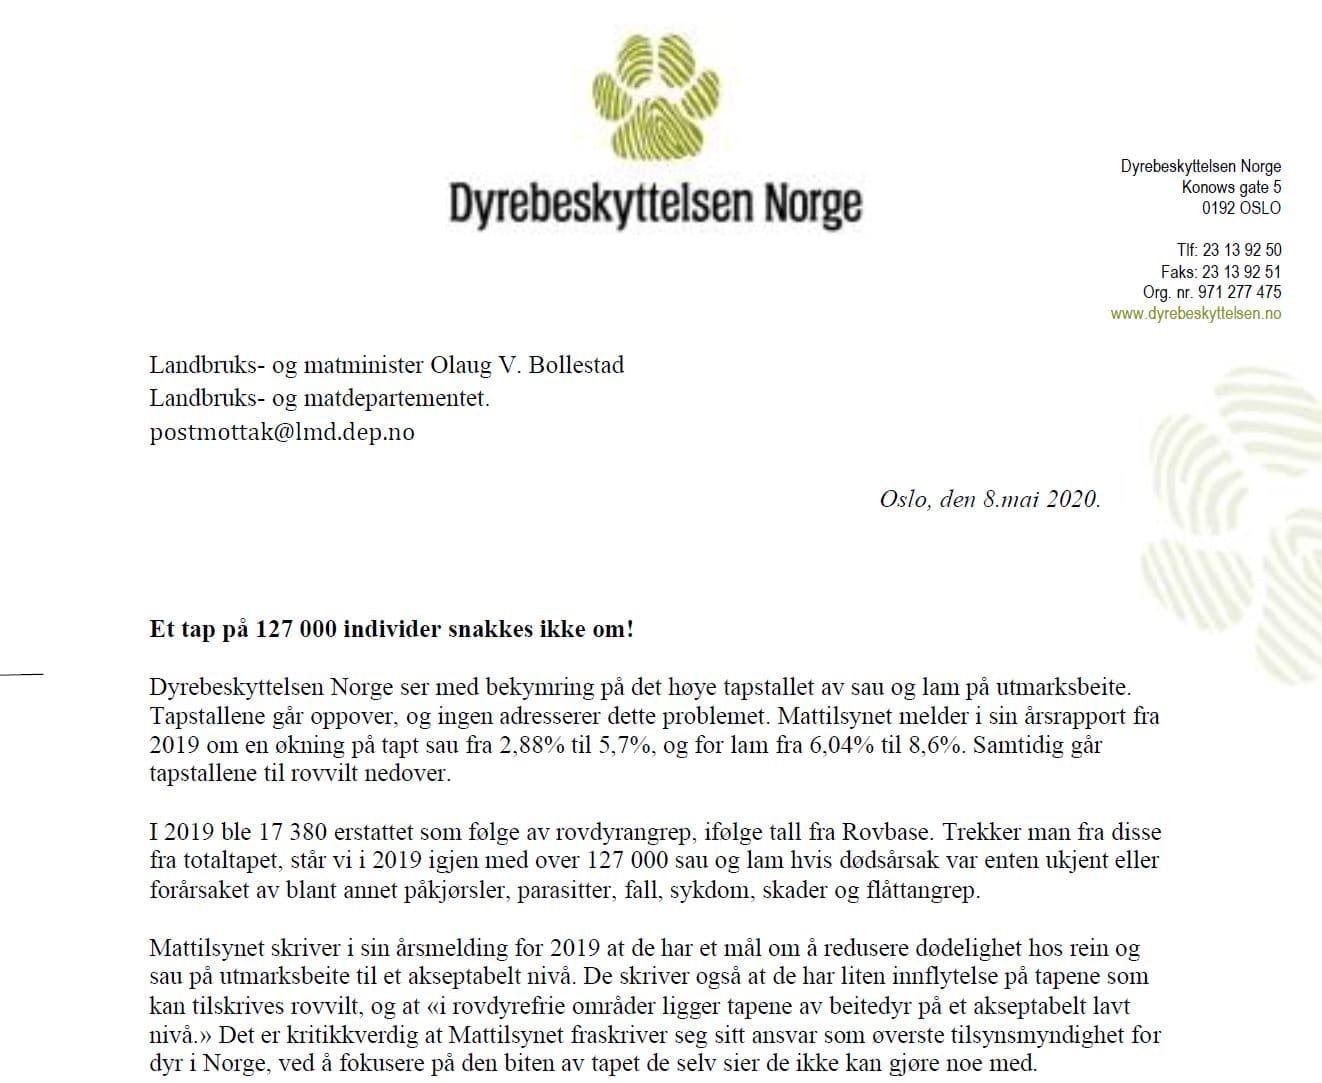 Bilde brev til landbruksministeren om tap av sau på beite